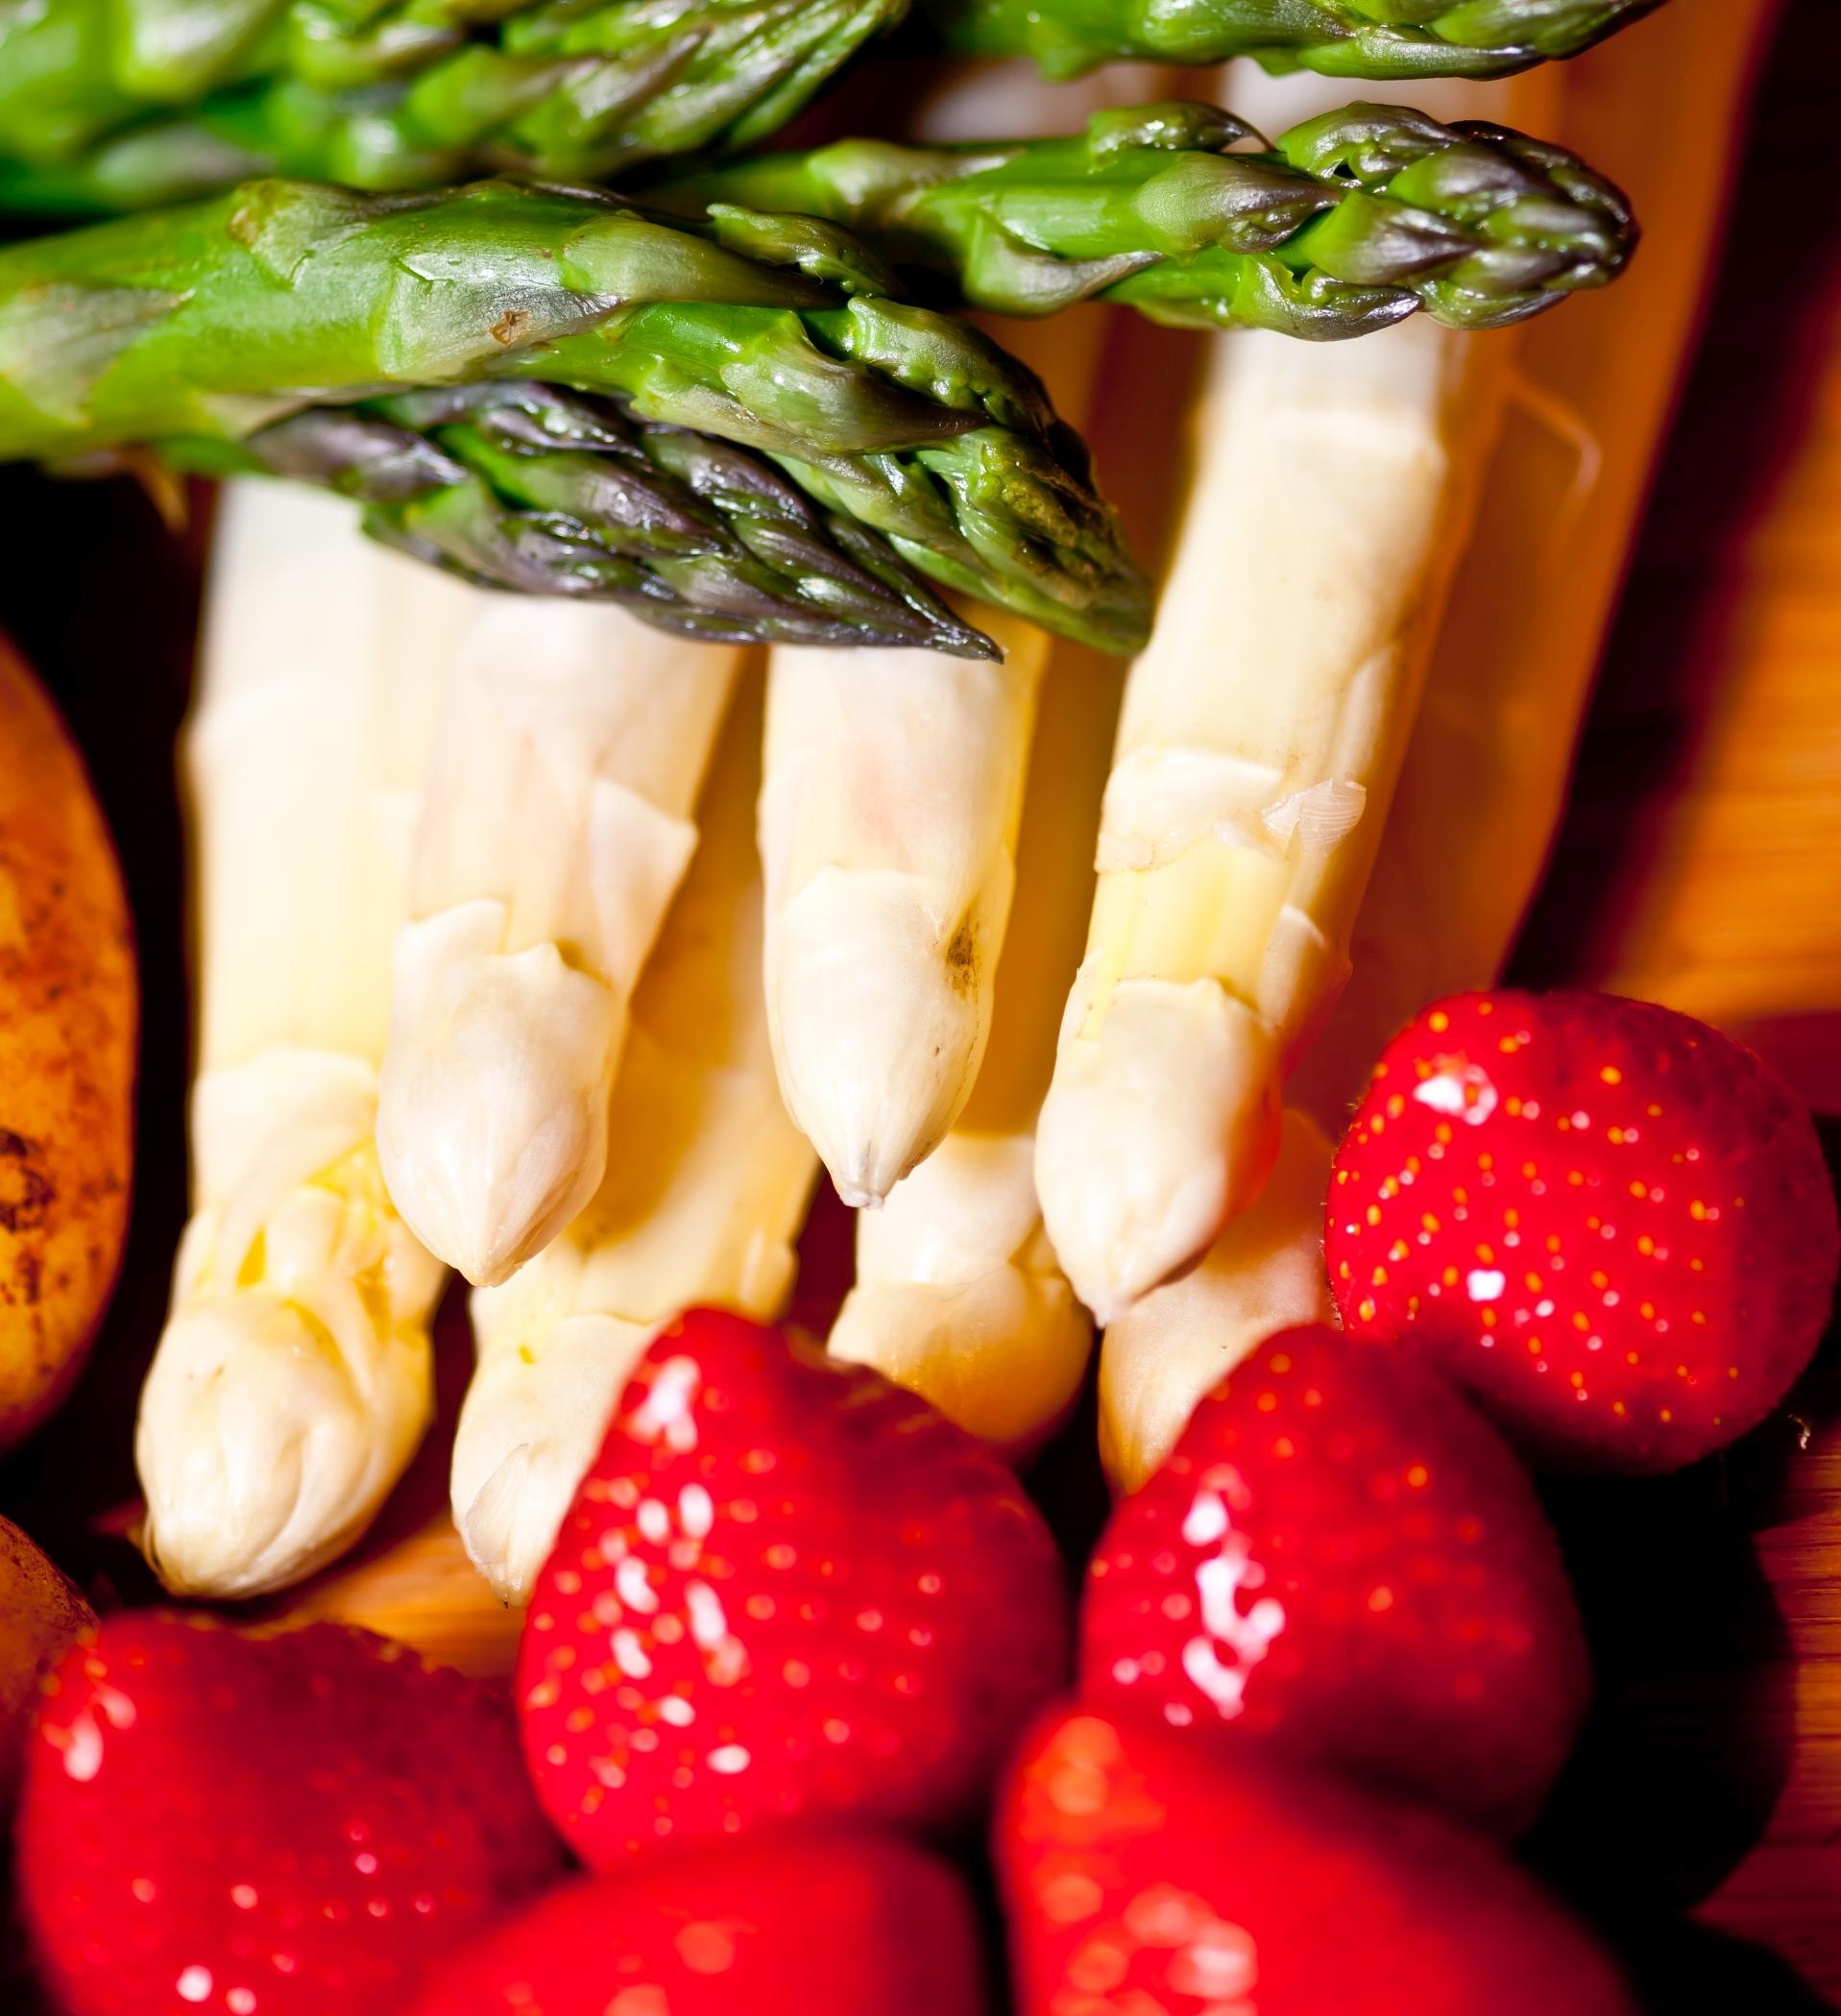 Spargel und Erdbeeren eignen sich bestens für ein köstliches Muttertagsgeschenk